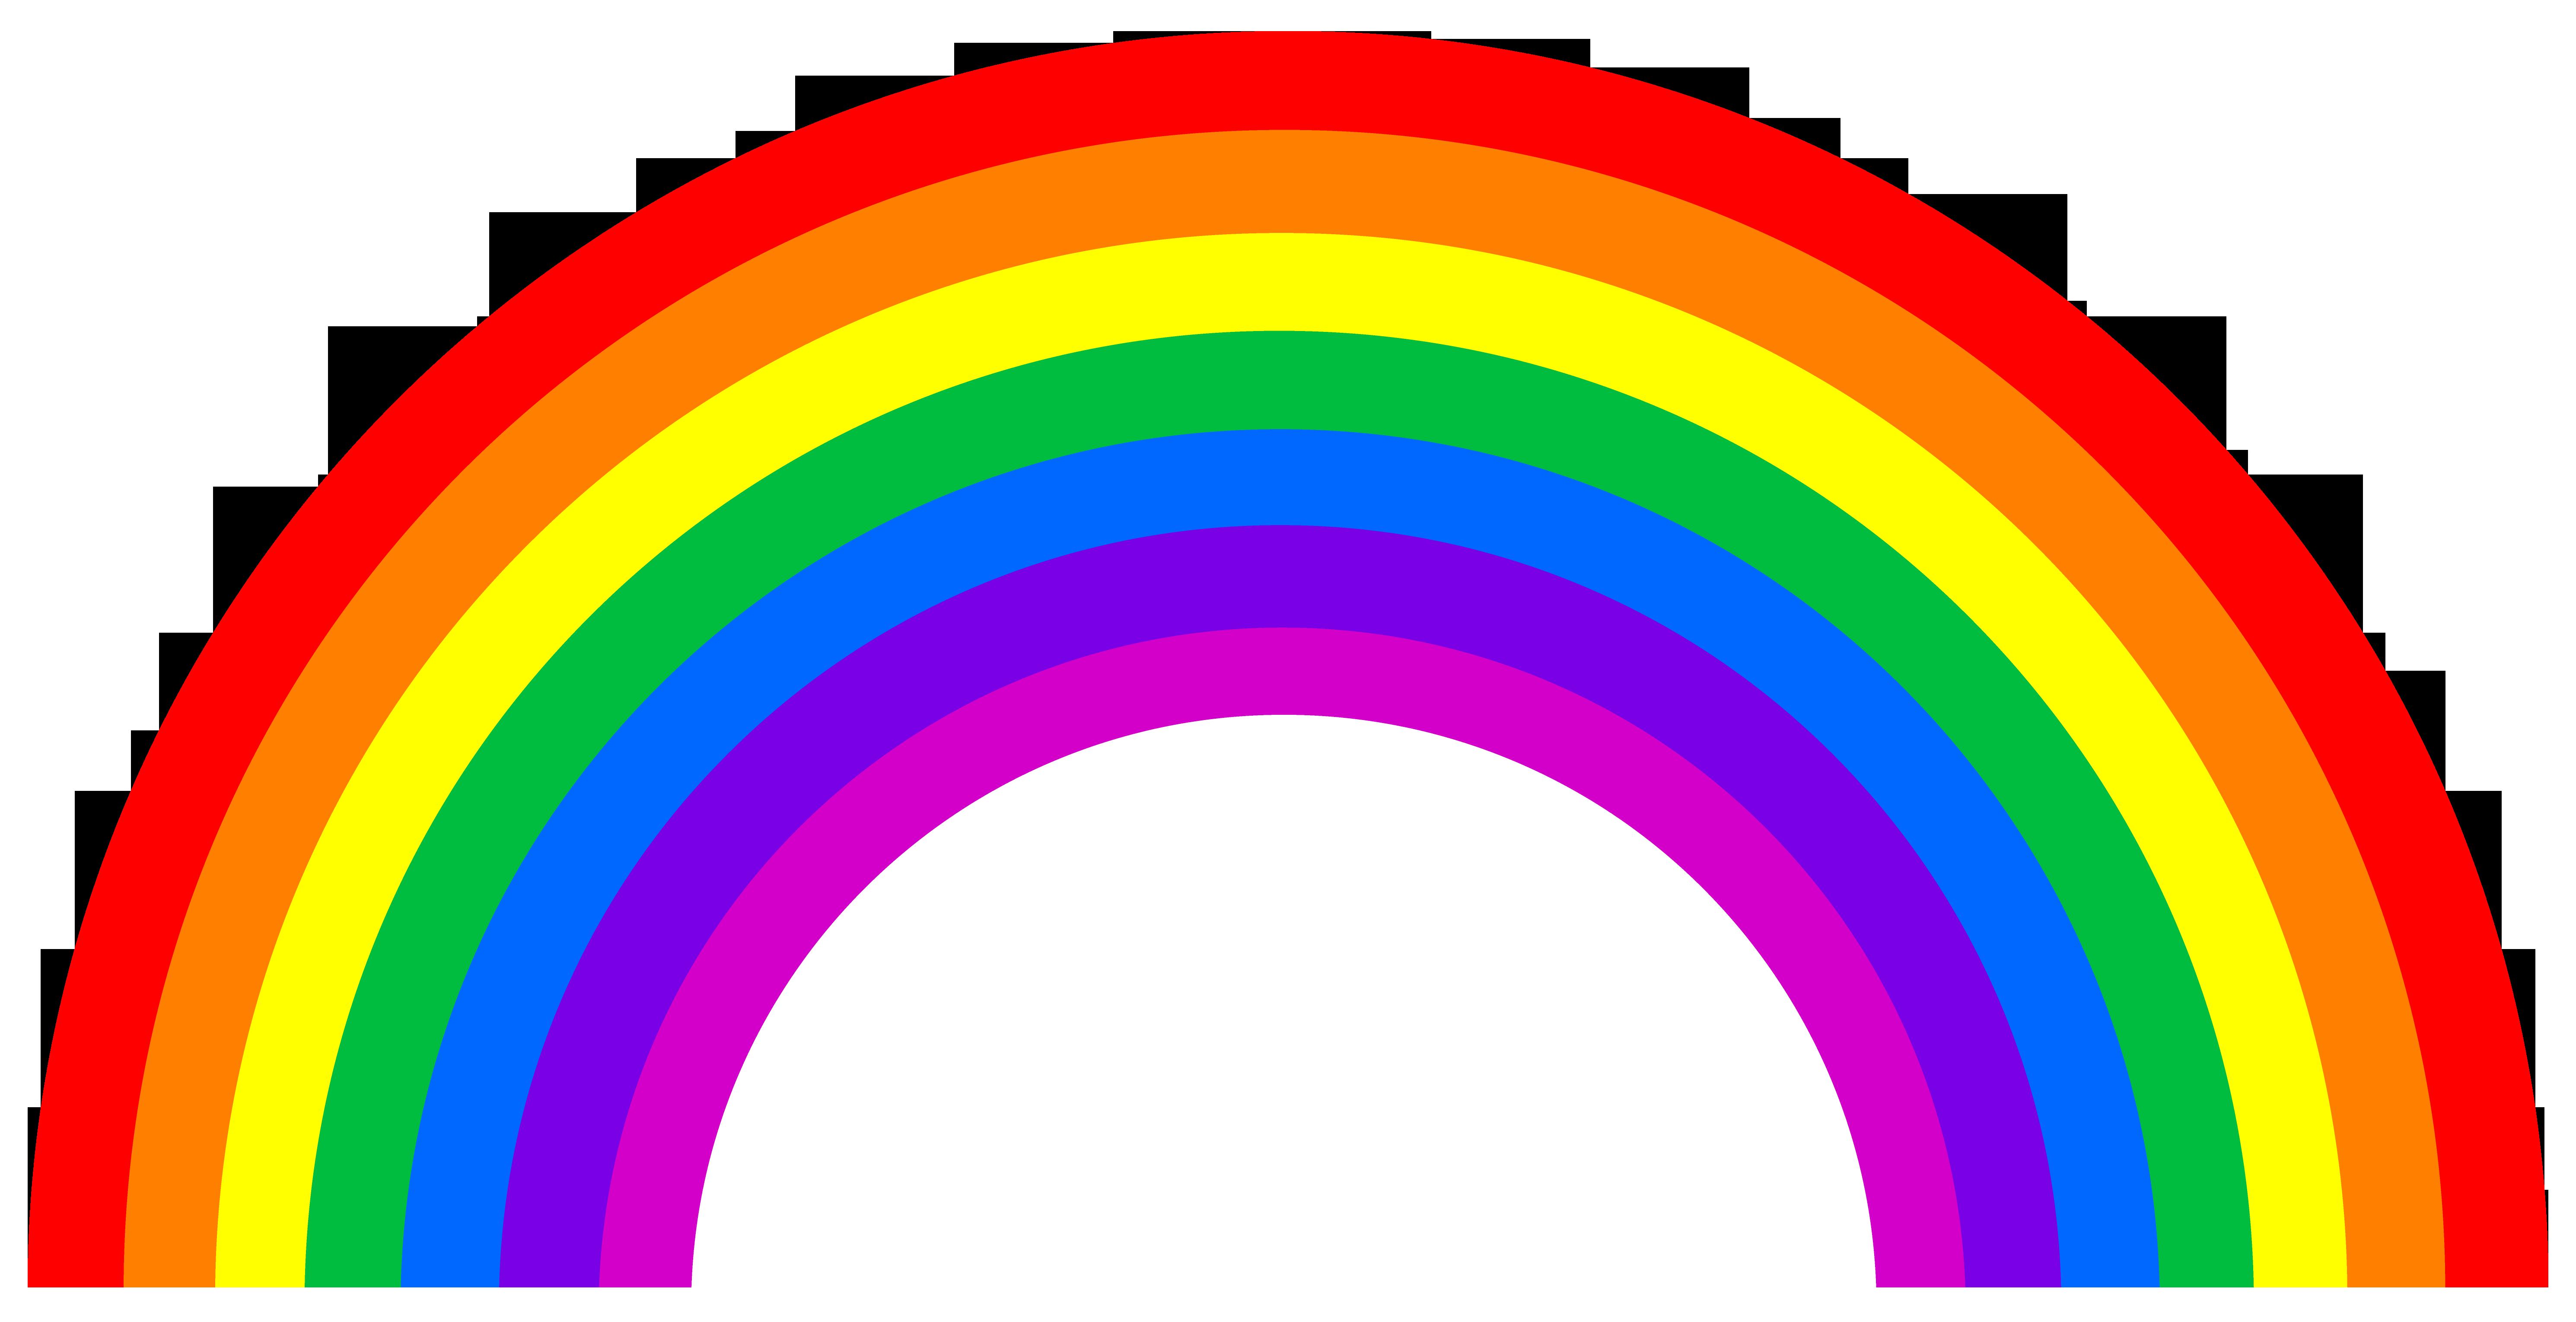 5961x3059 Cute Small Rainbow Arc